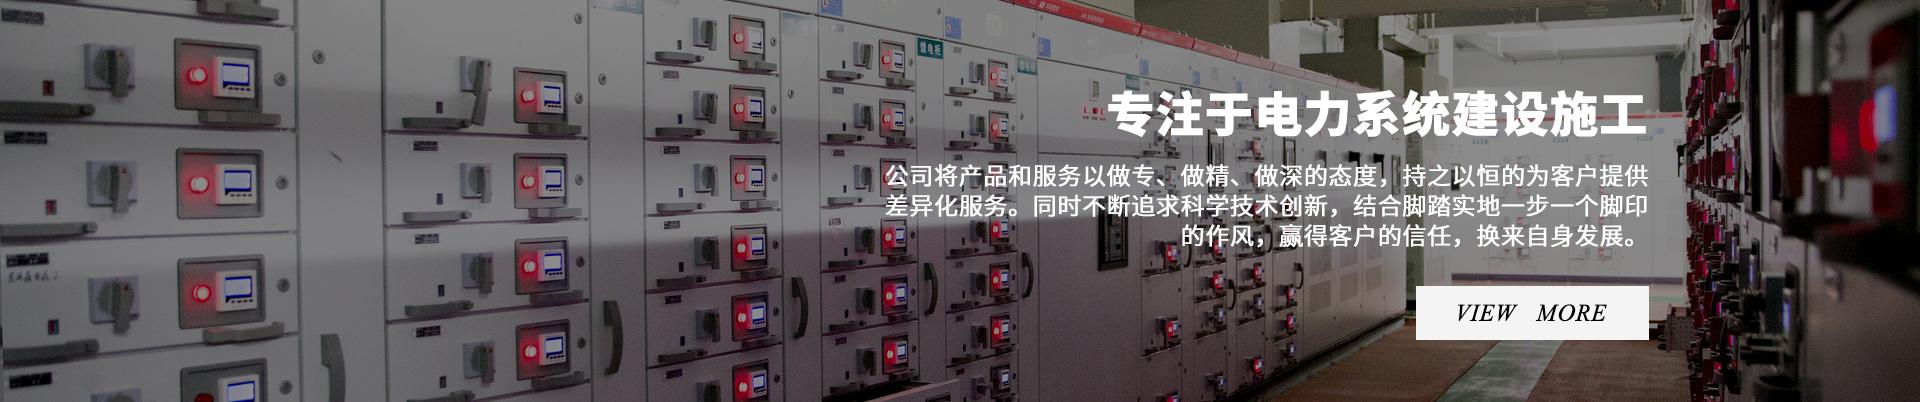 变配电工程,变压器安装,配电柜安装